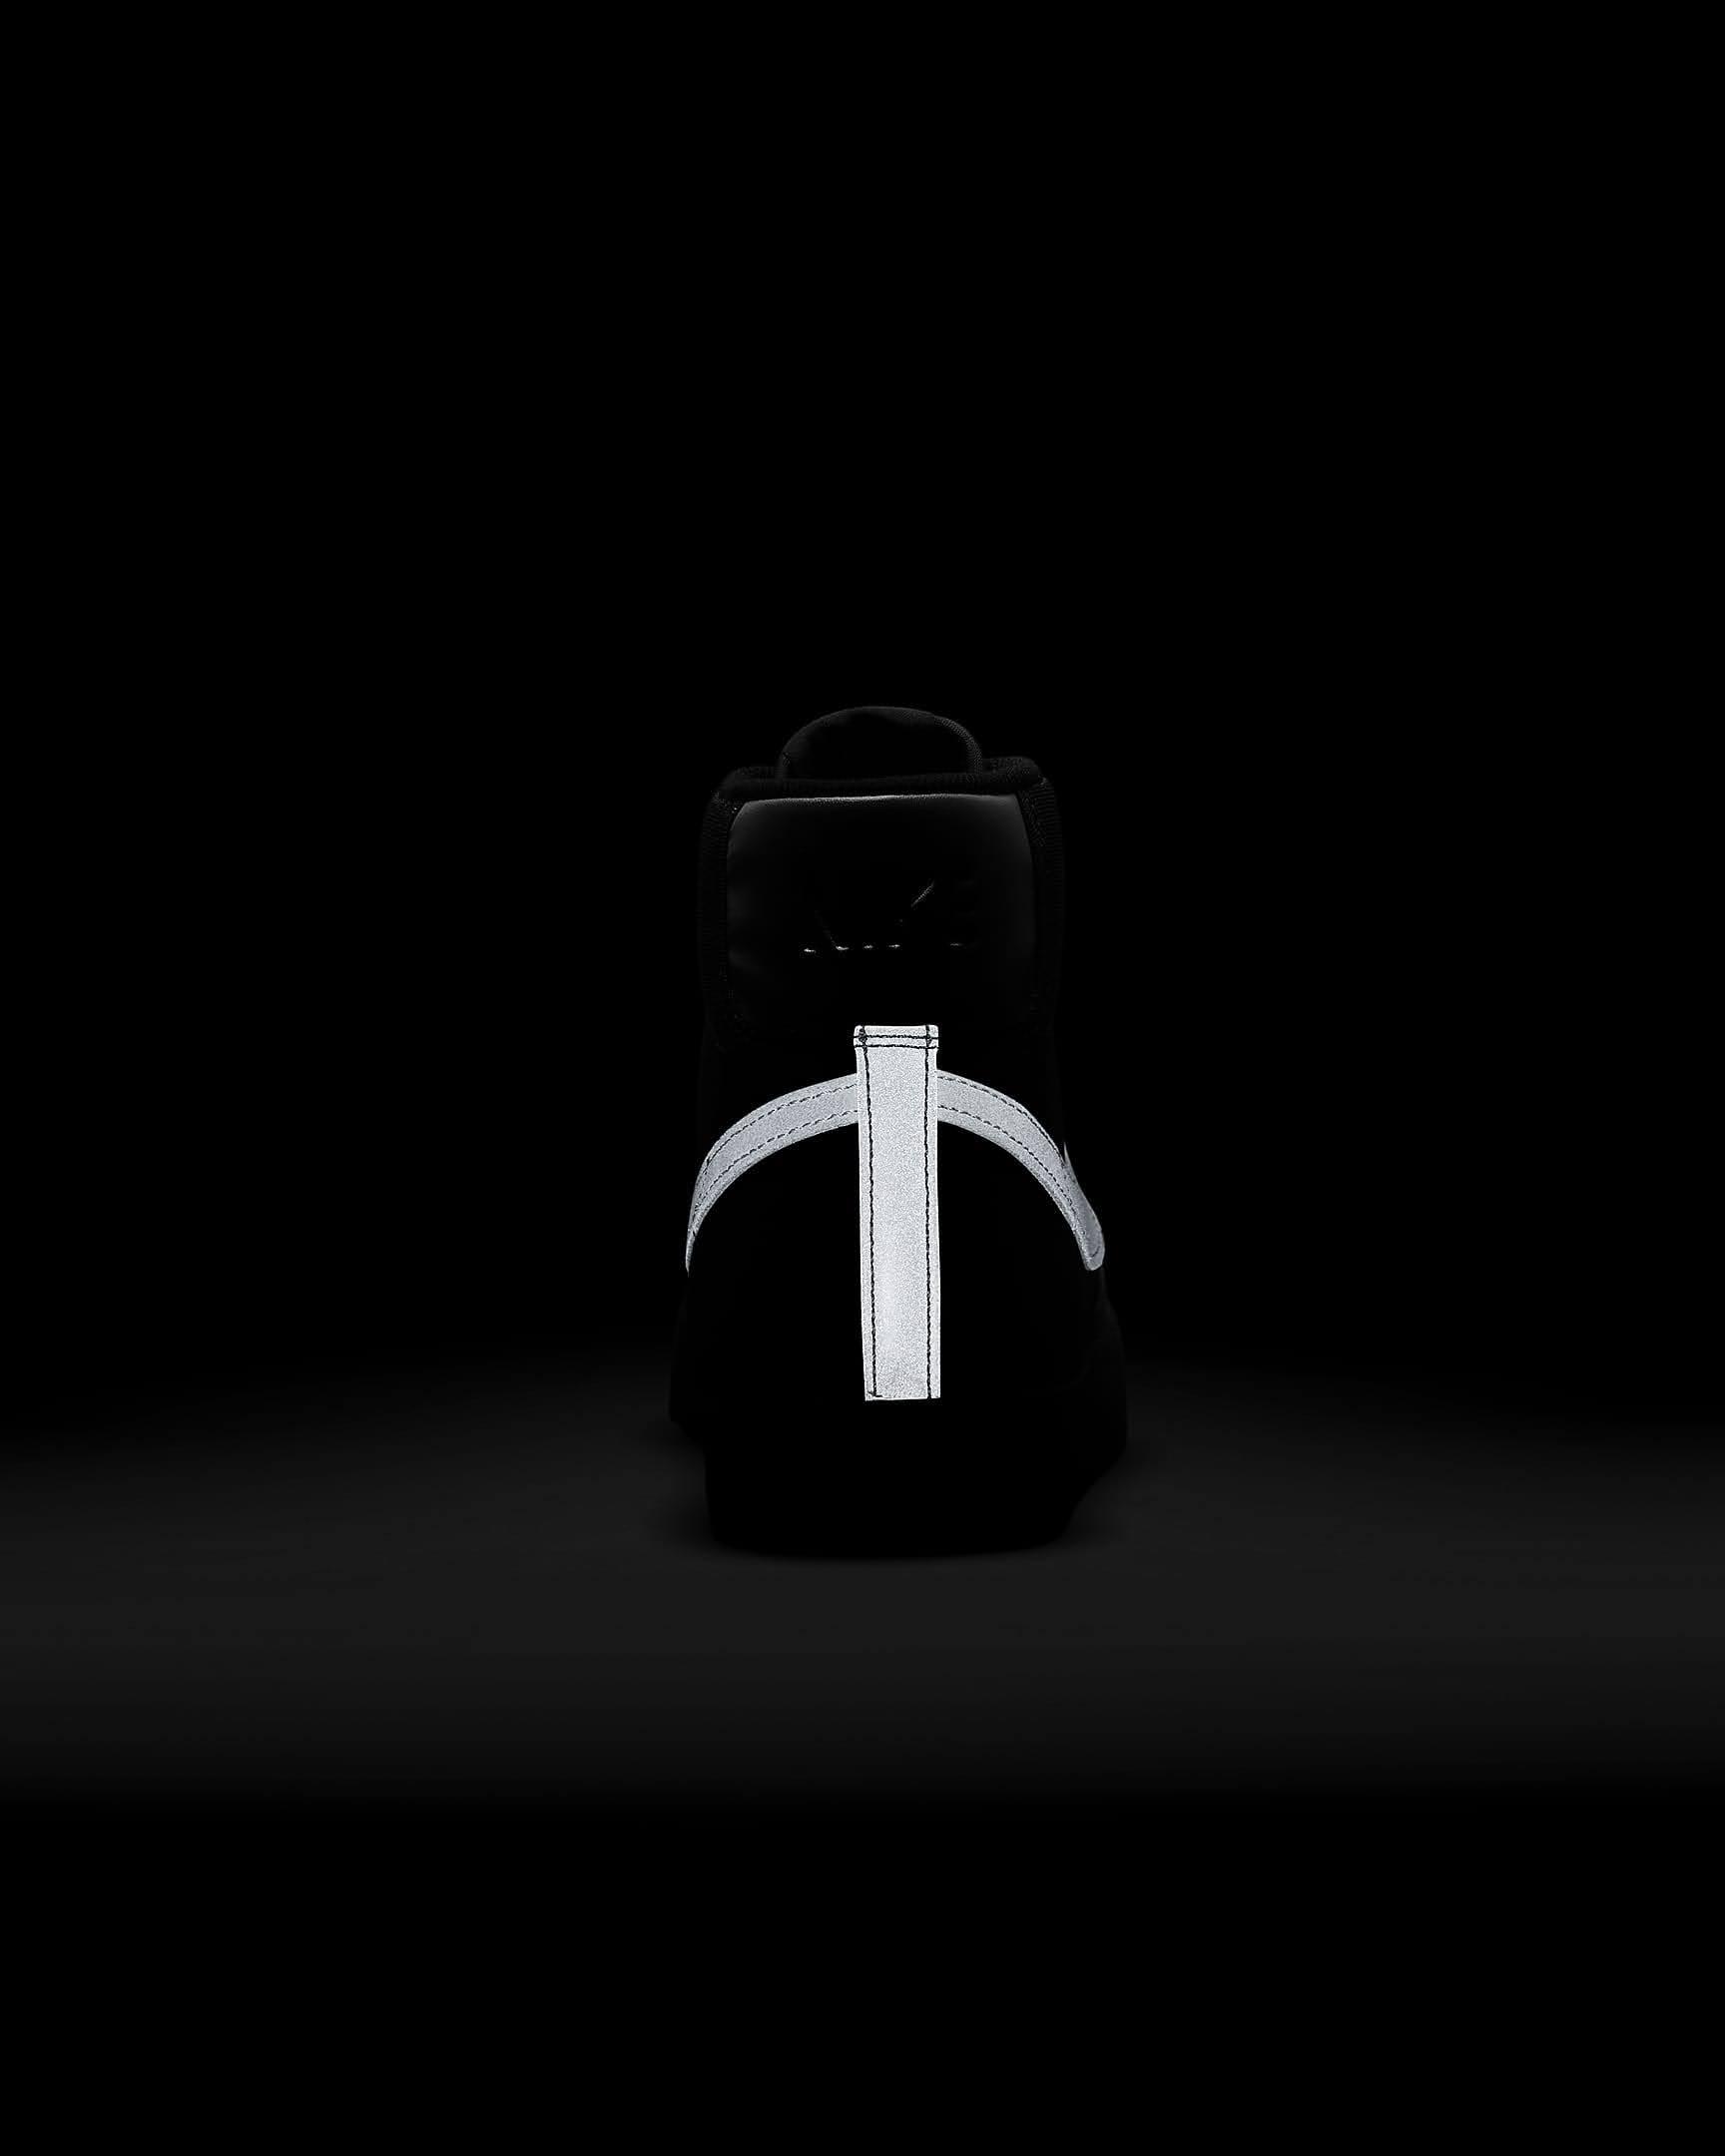 ナイキ ブレーザー ミッド スパイダー ウェブ Nike-Blazer-Mid-spider-Web-heel-glow-heel